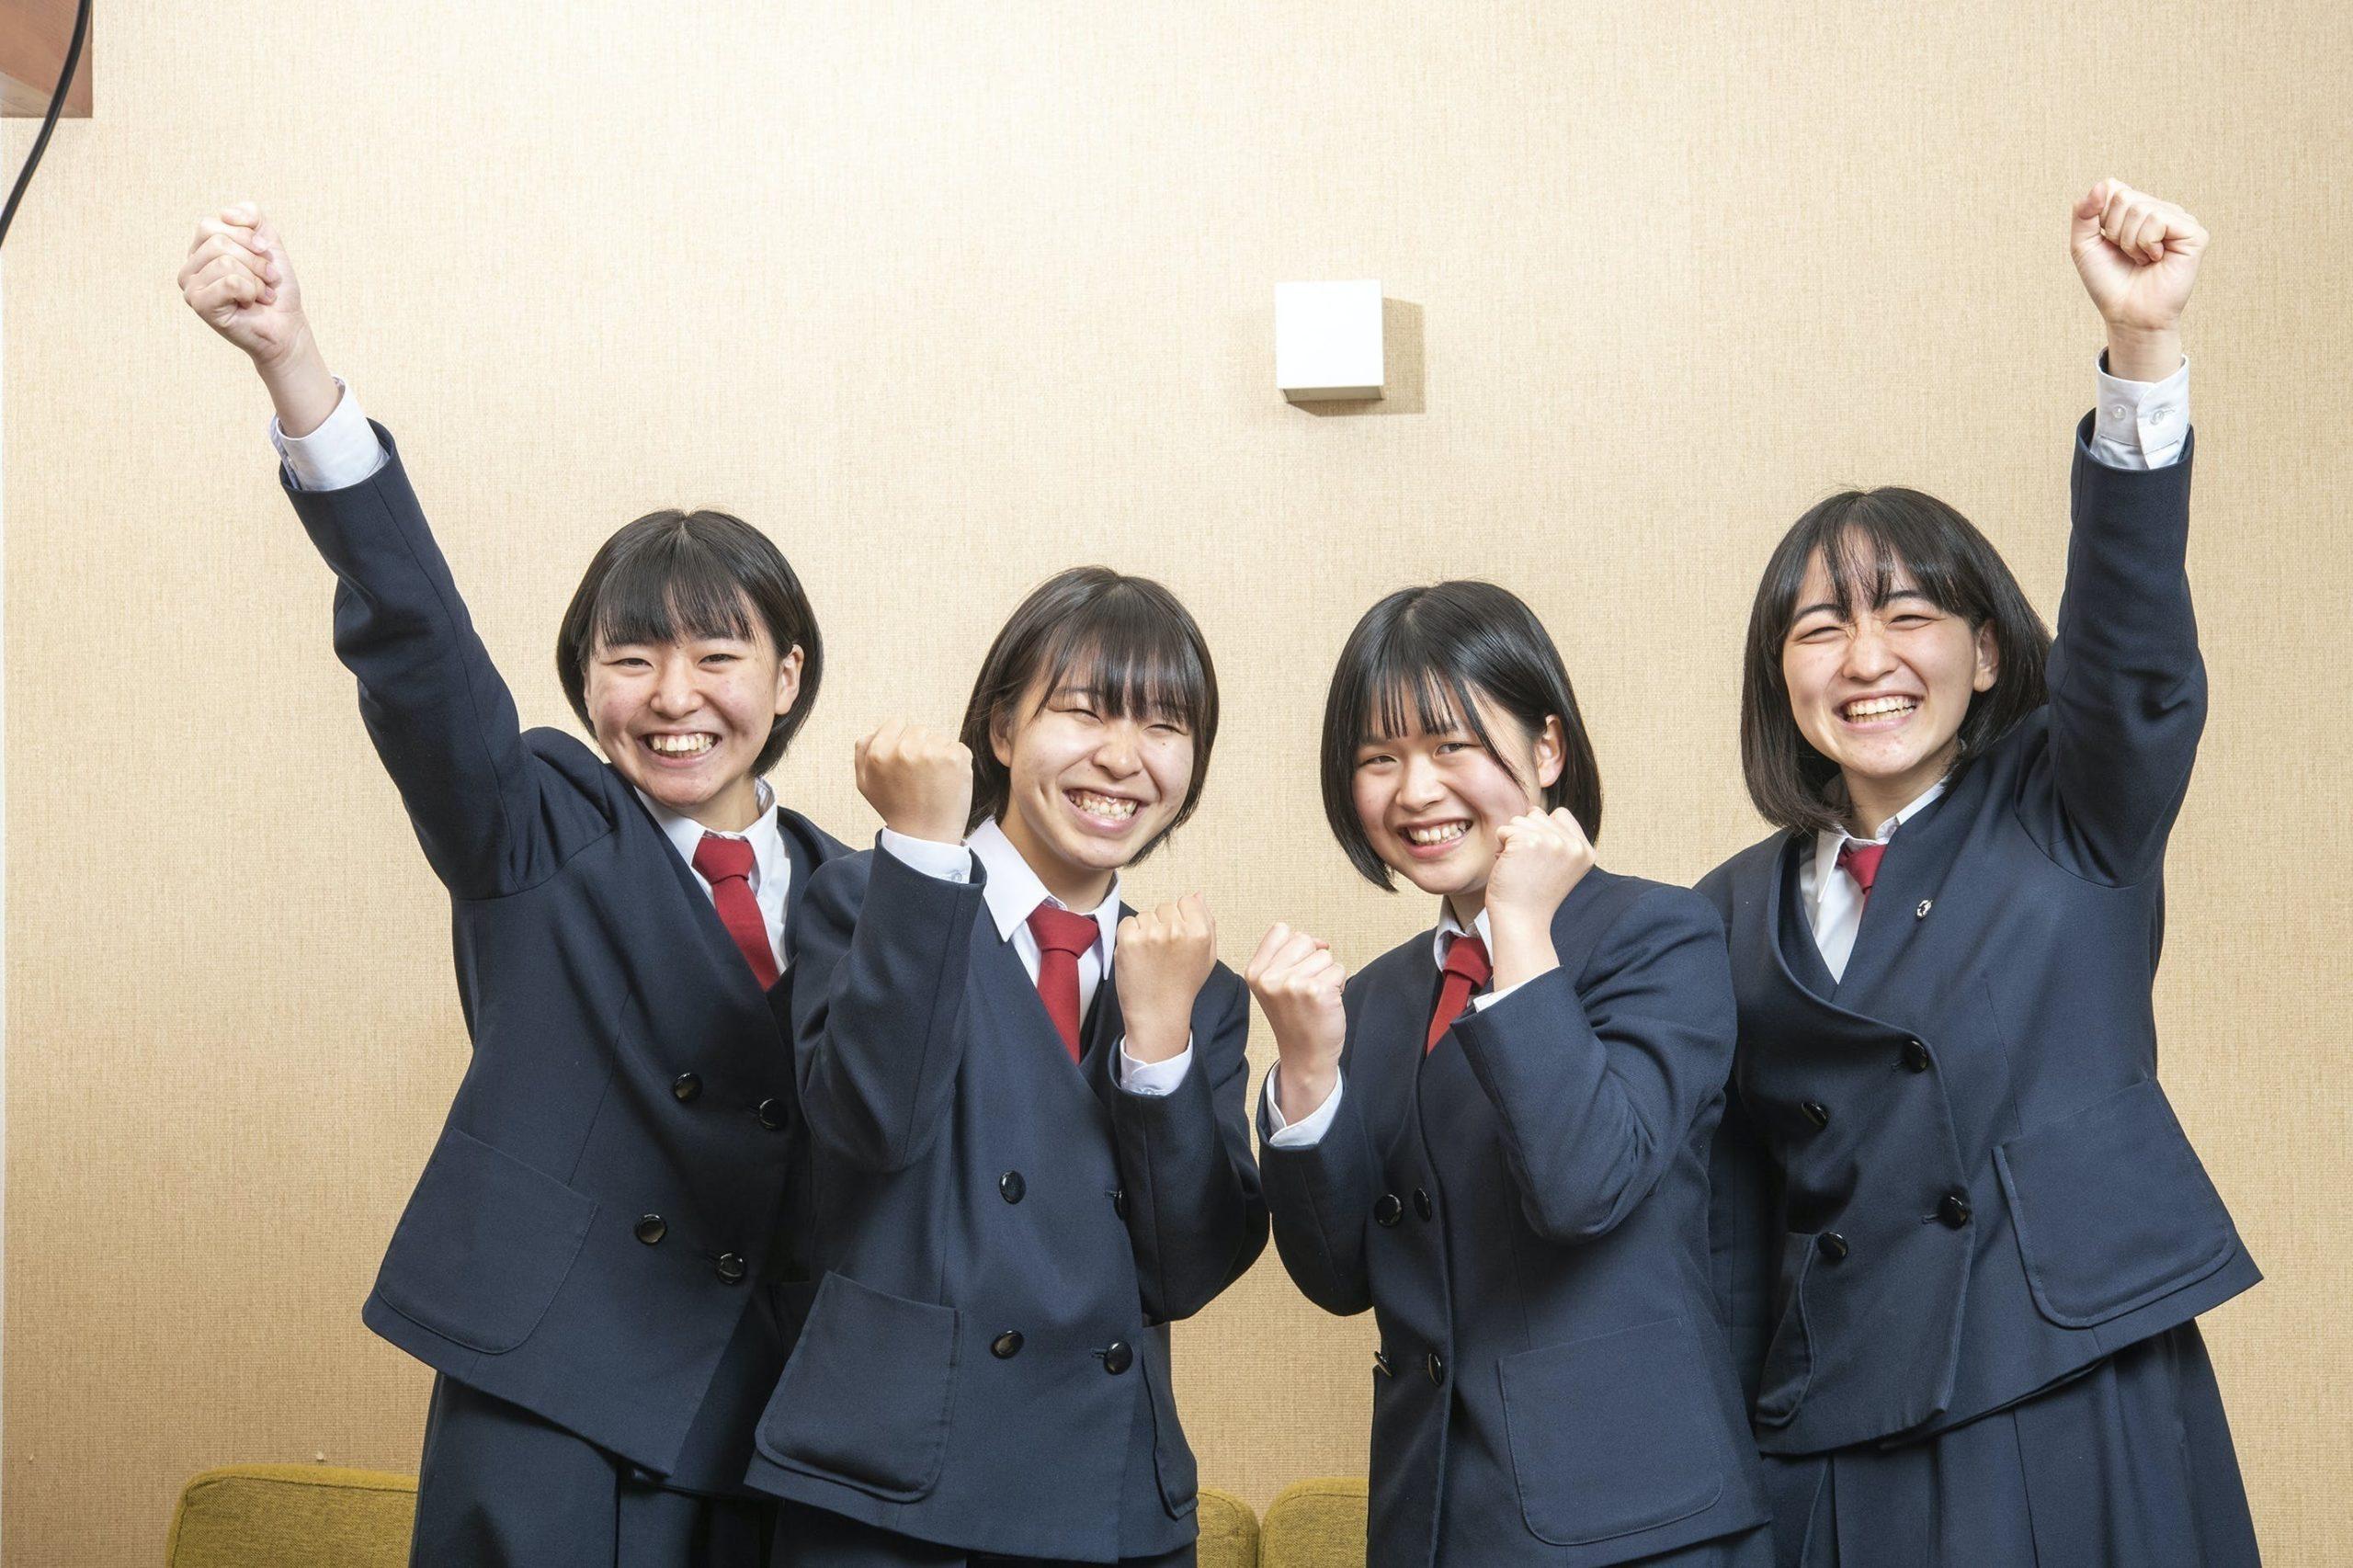 【熊本復興支援】地元高校生が「ツナガリ」を創る生きくらげを全国に届けたい!_2